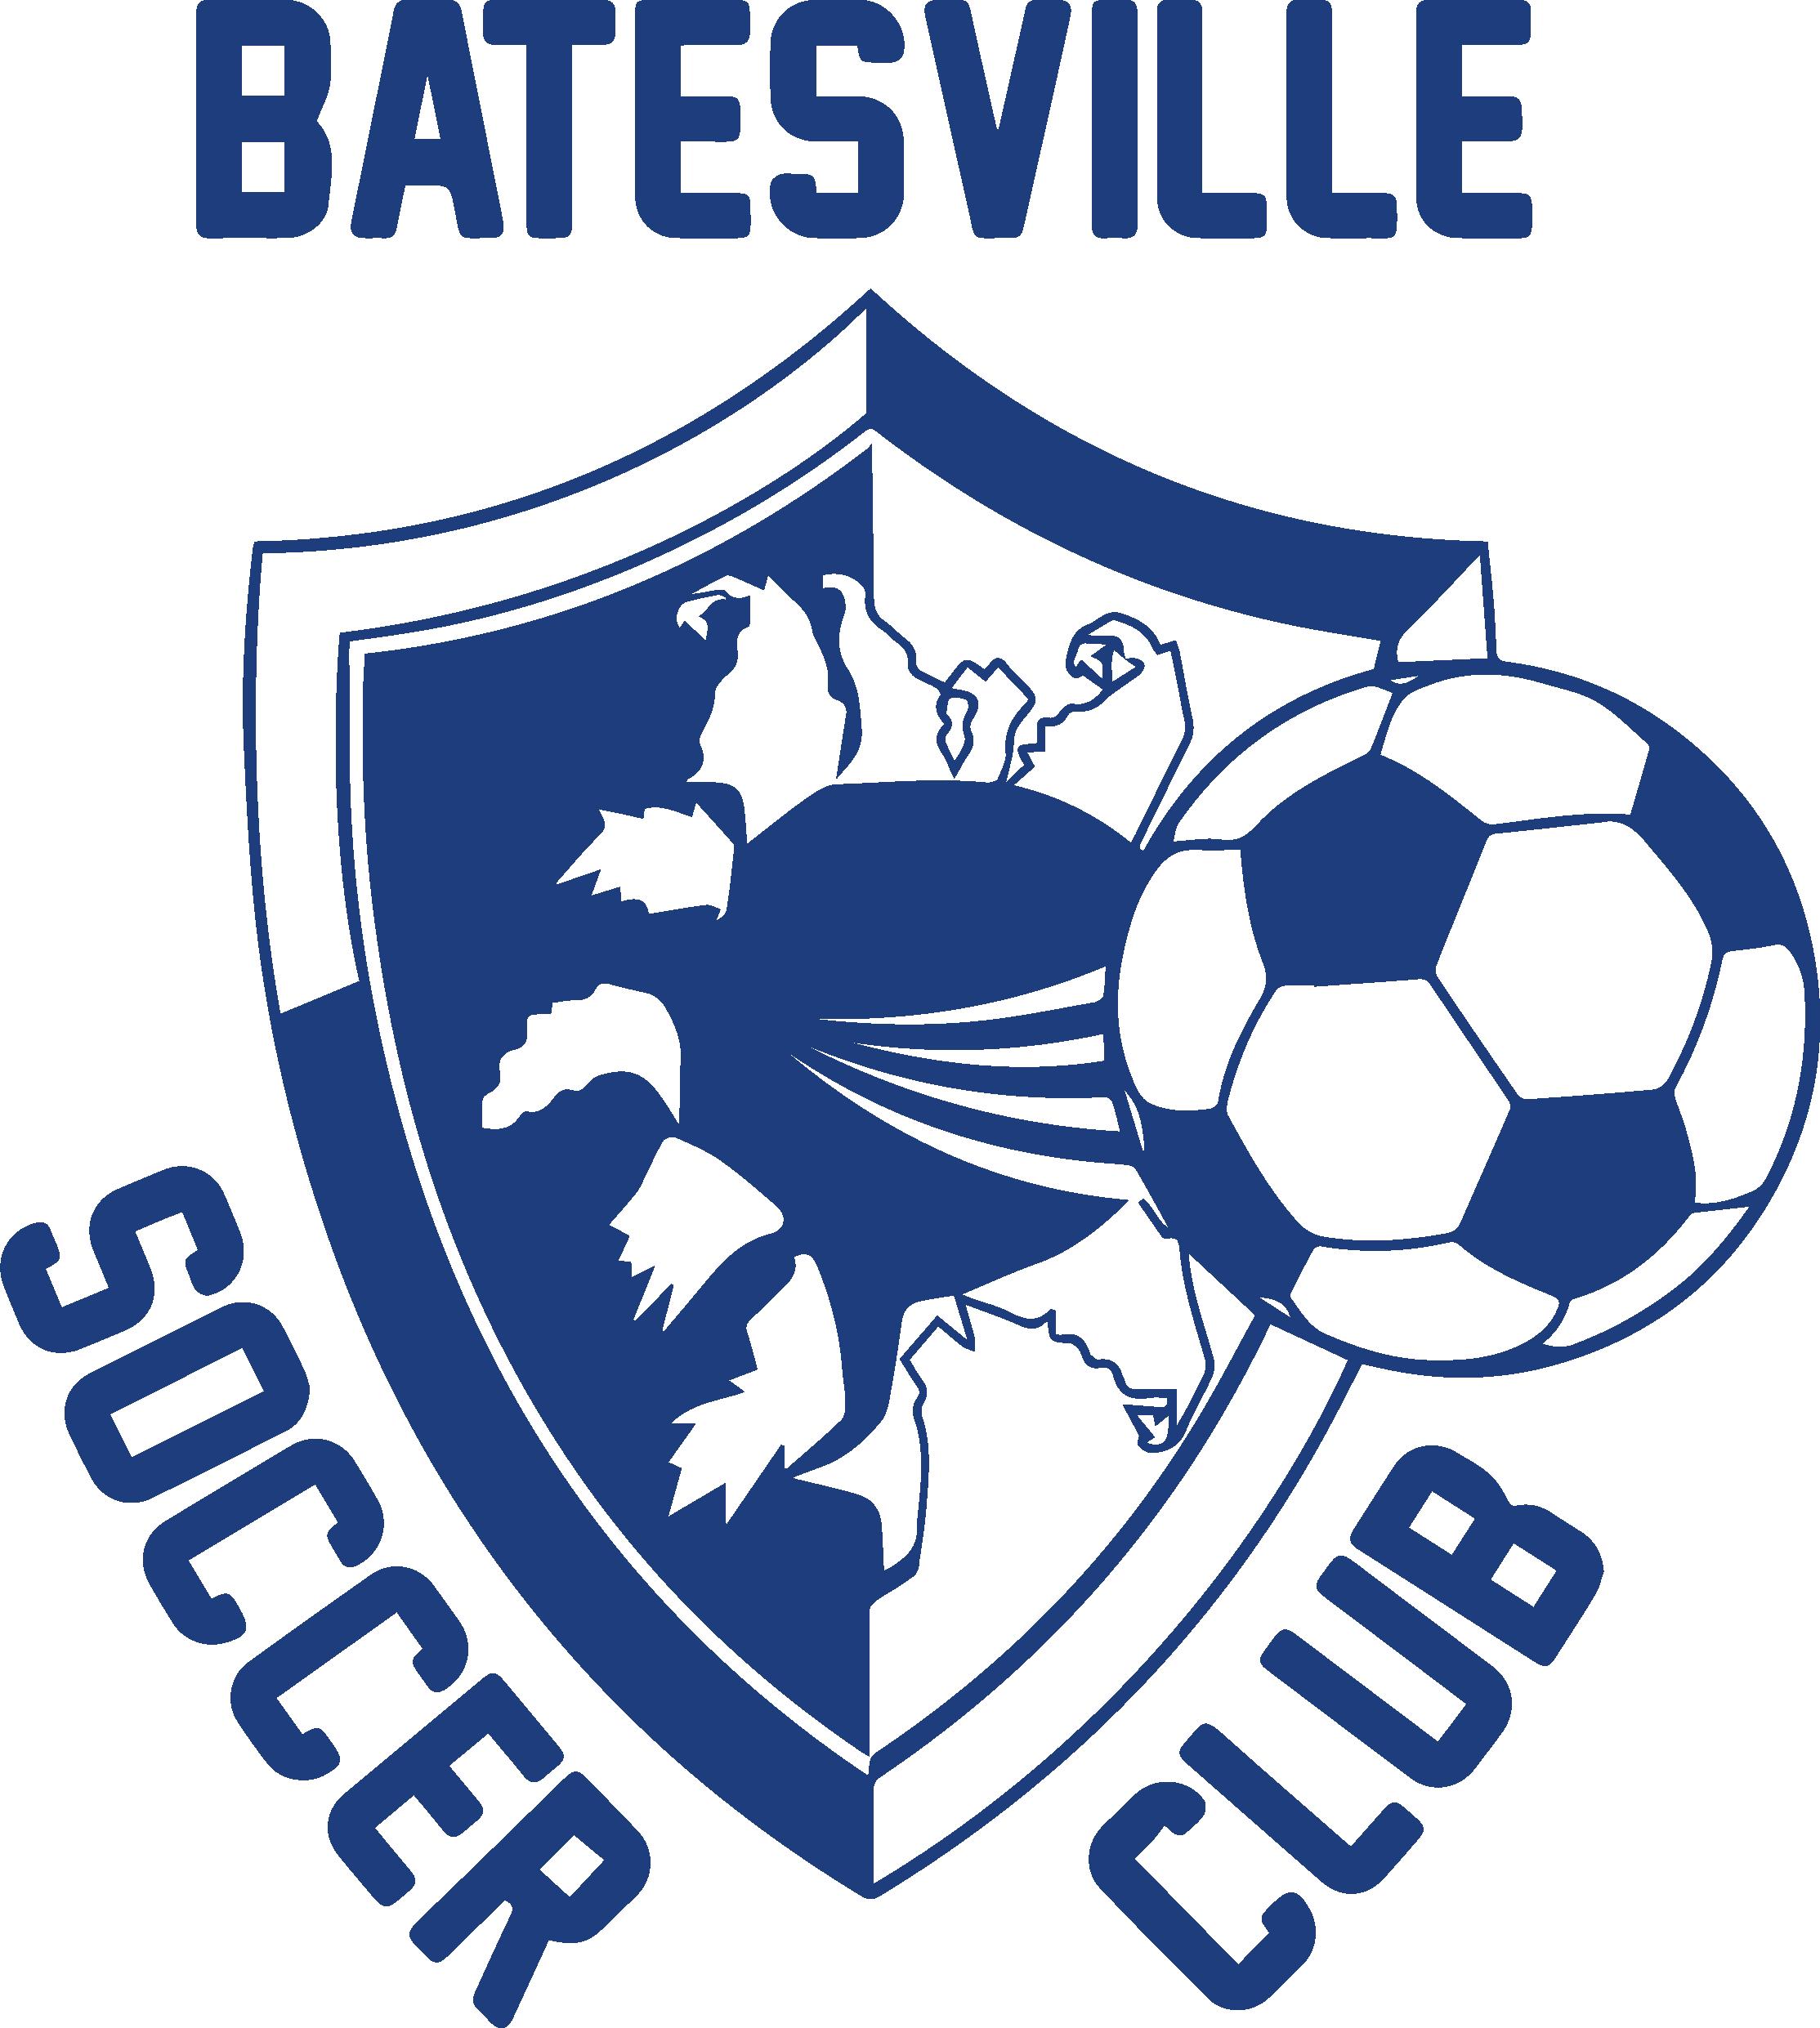 batesvillepremiersoccer- header logo2